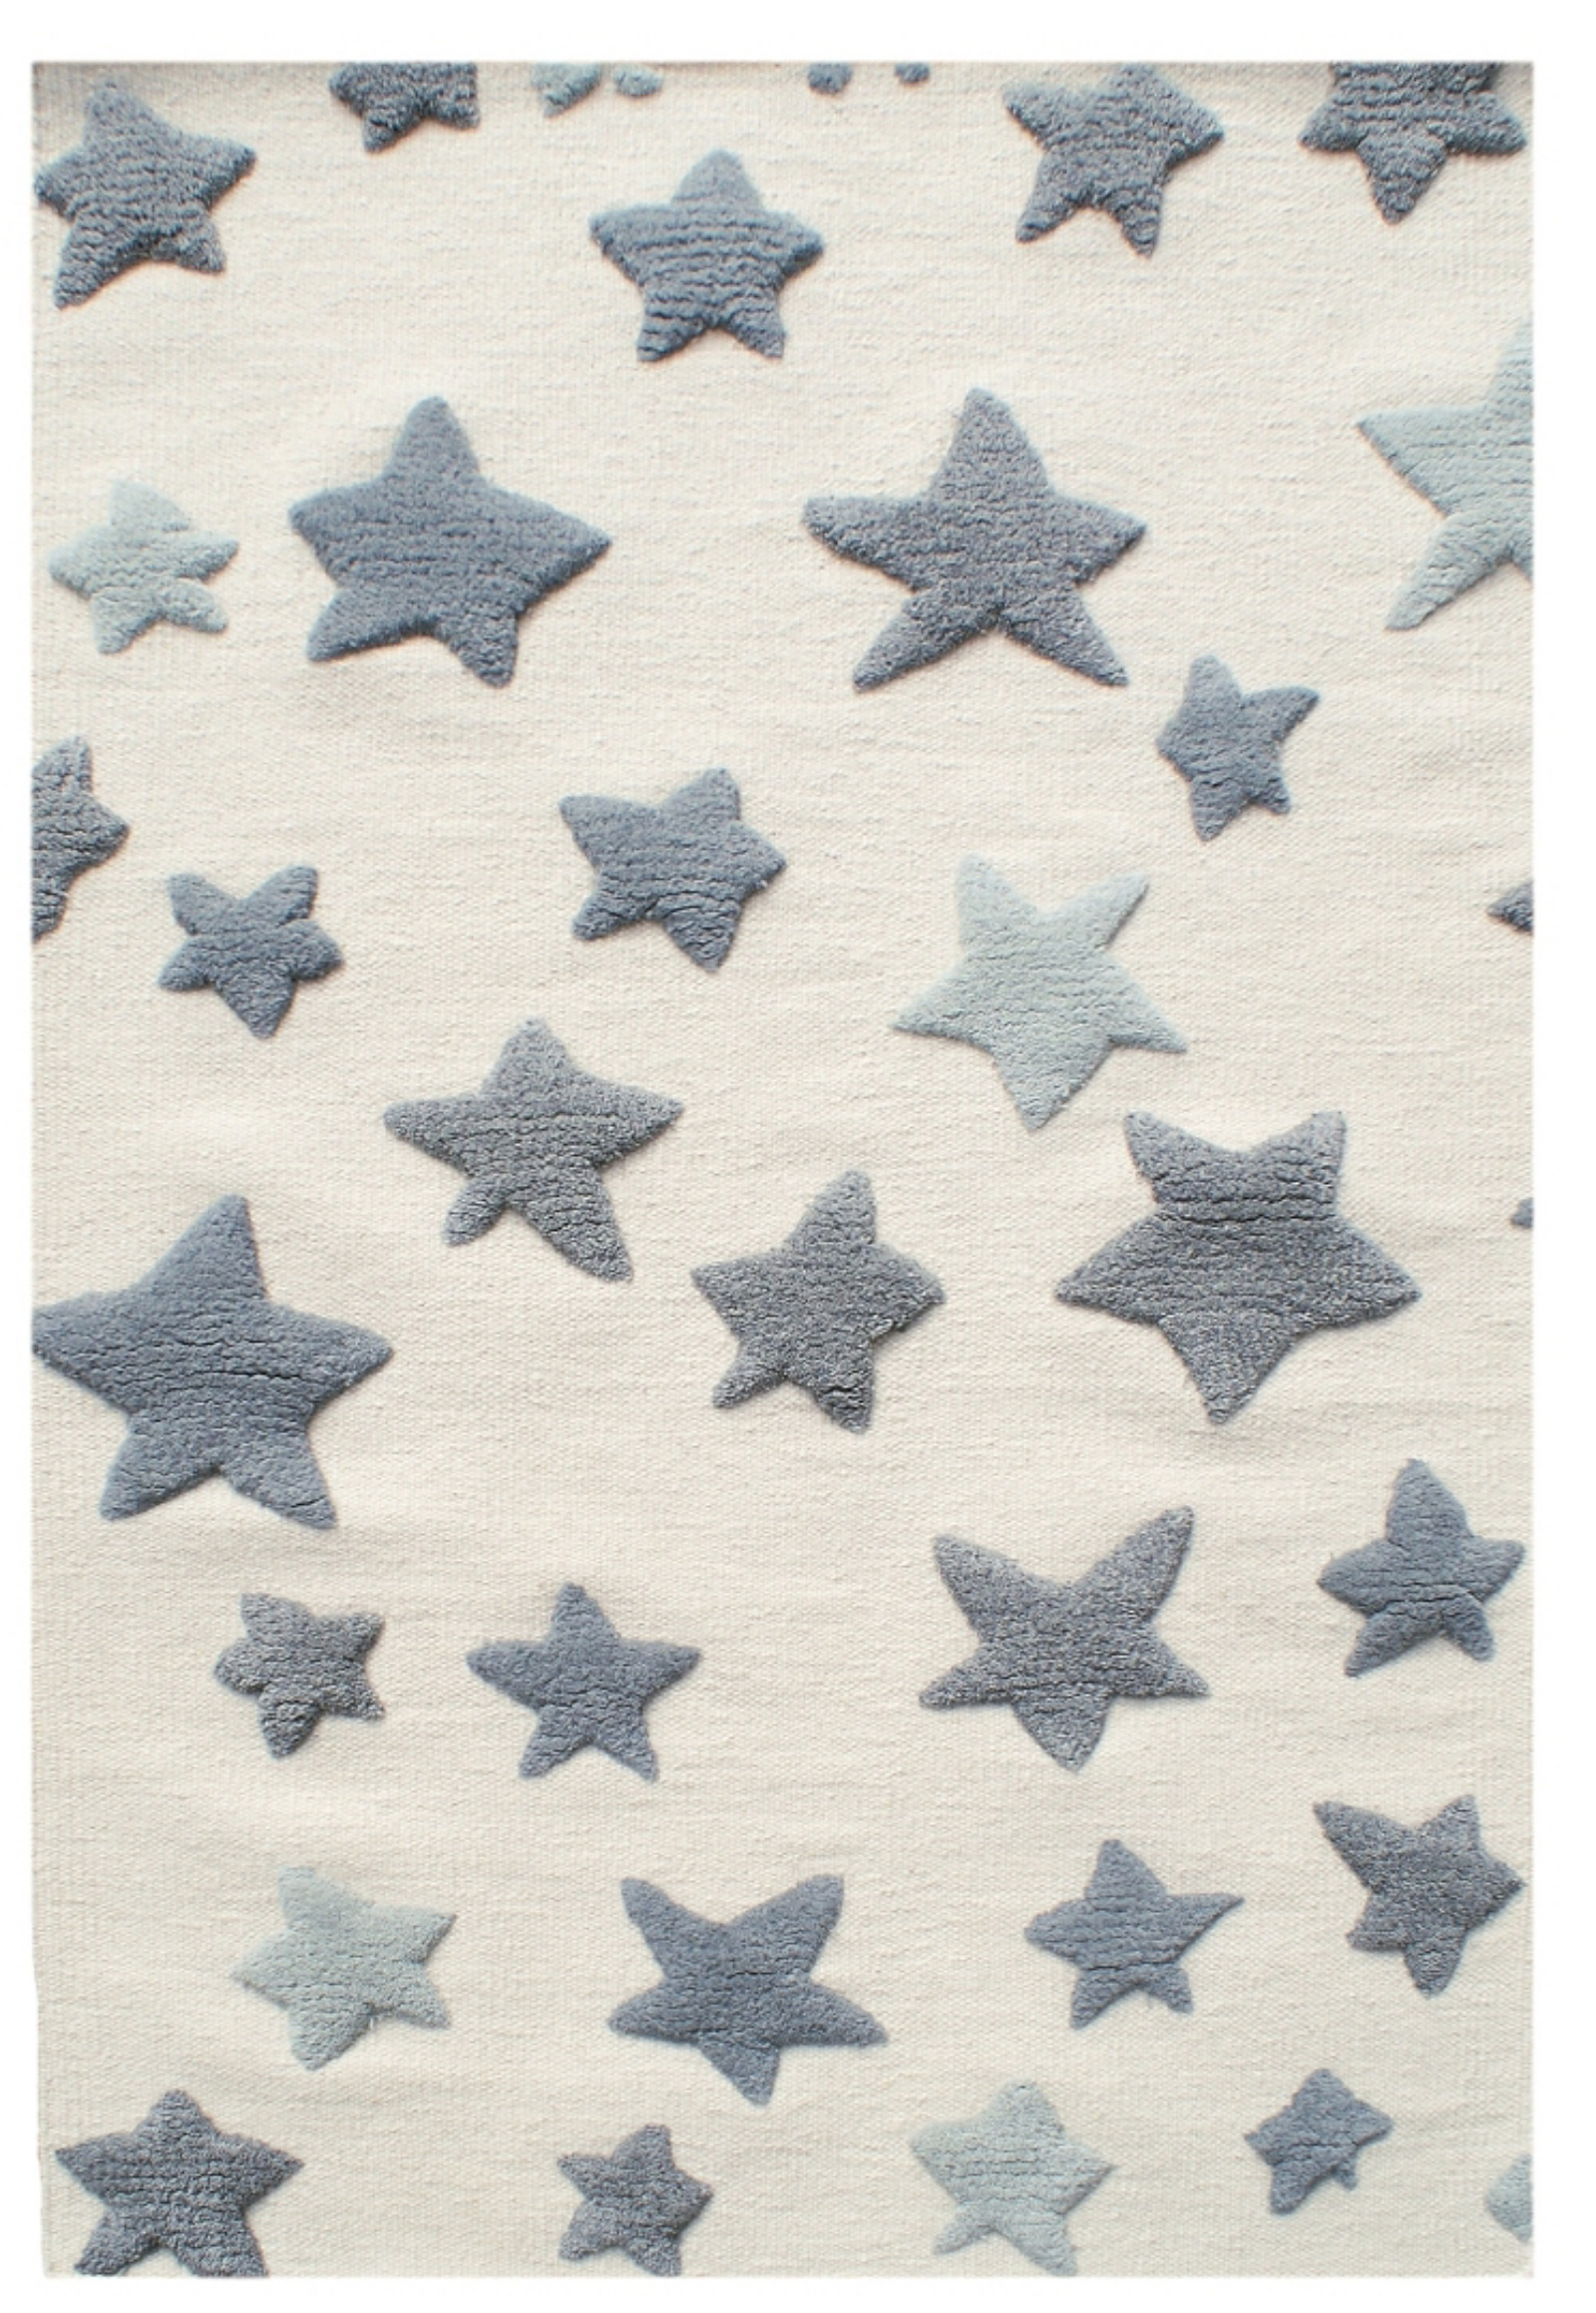 Dětský vlněný koberec hvězdy - natural/šedá 120x180cm